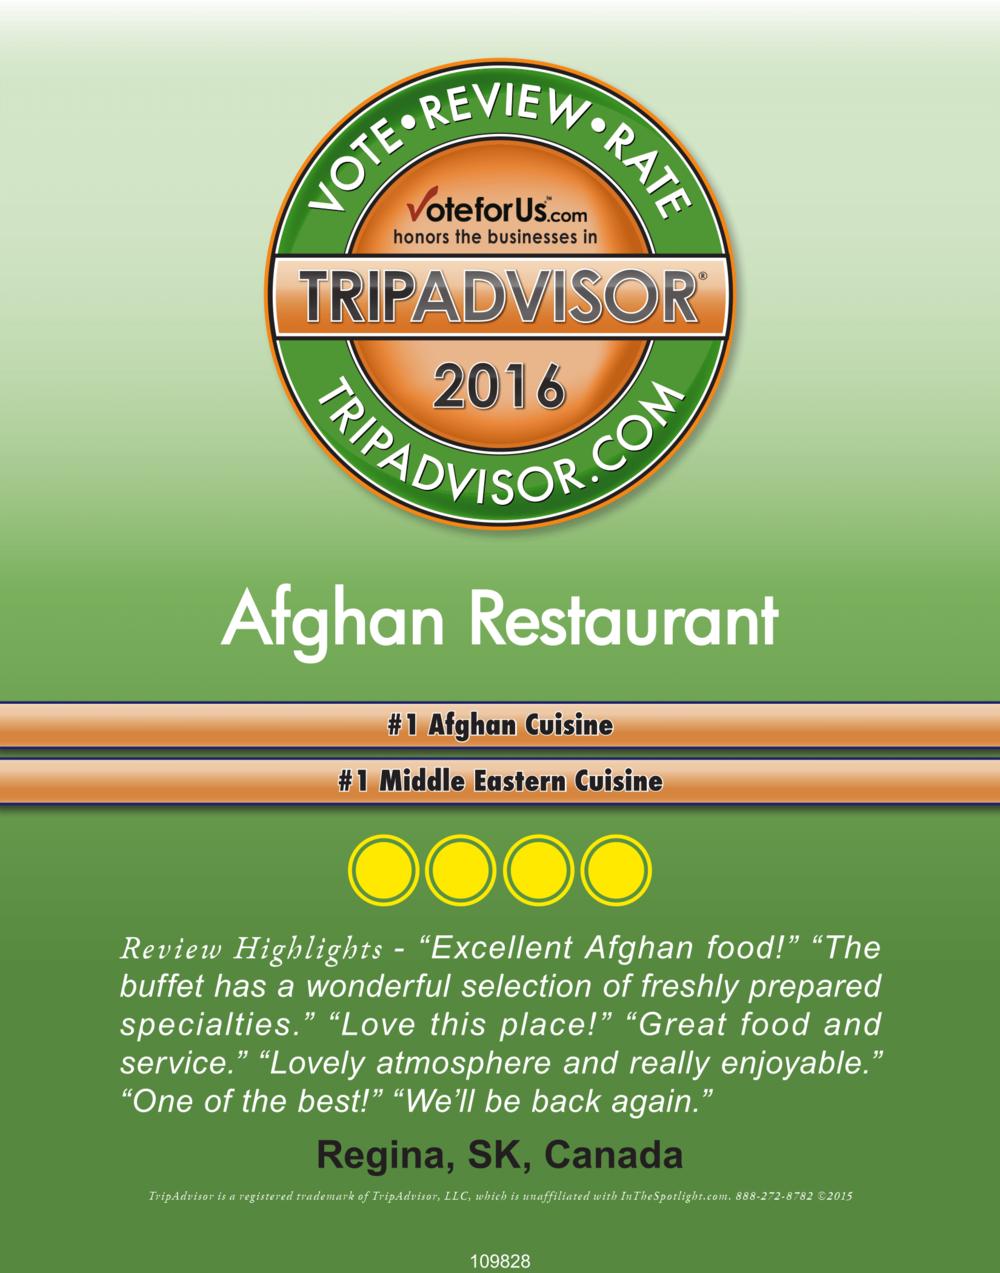 Afghan Restaurant-1.png